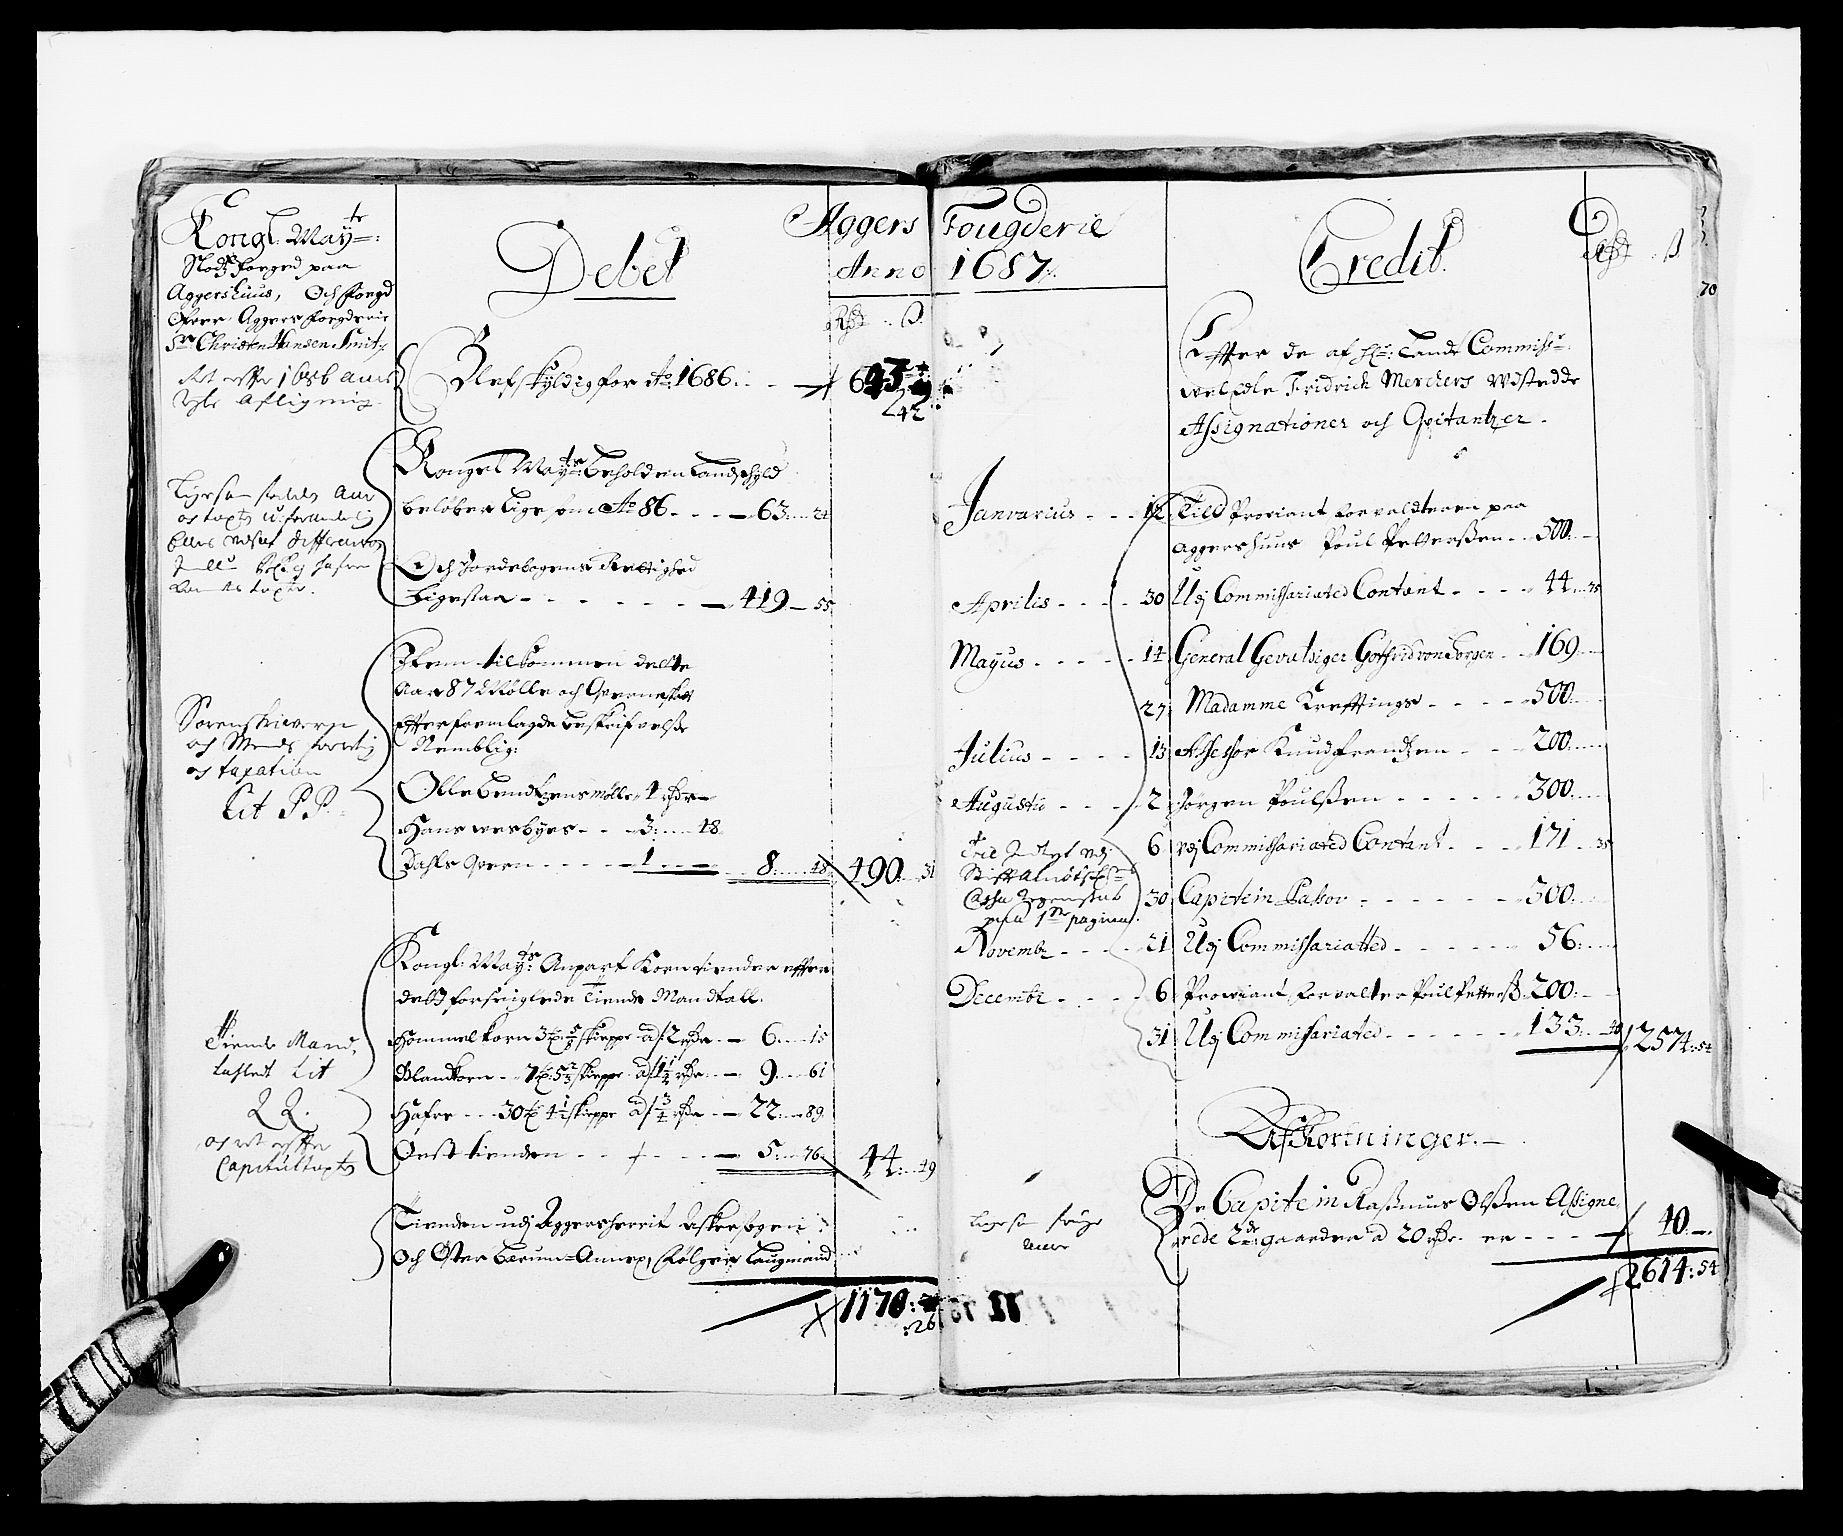 RA, Rentekammeret inntil 1814, Reviderte regnskaper, Fogderegnskap, R08/L0420: Fogderegnskap Aker, 1682-1691, s. 64